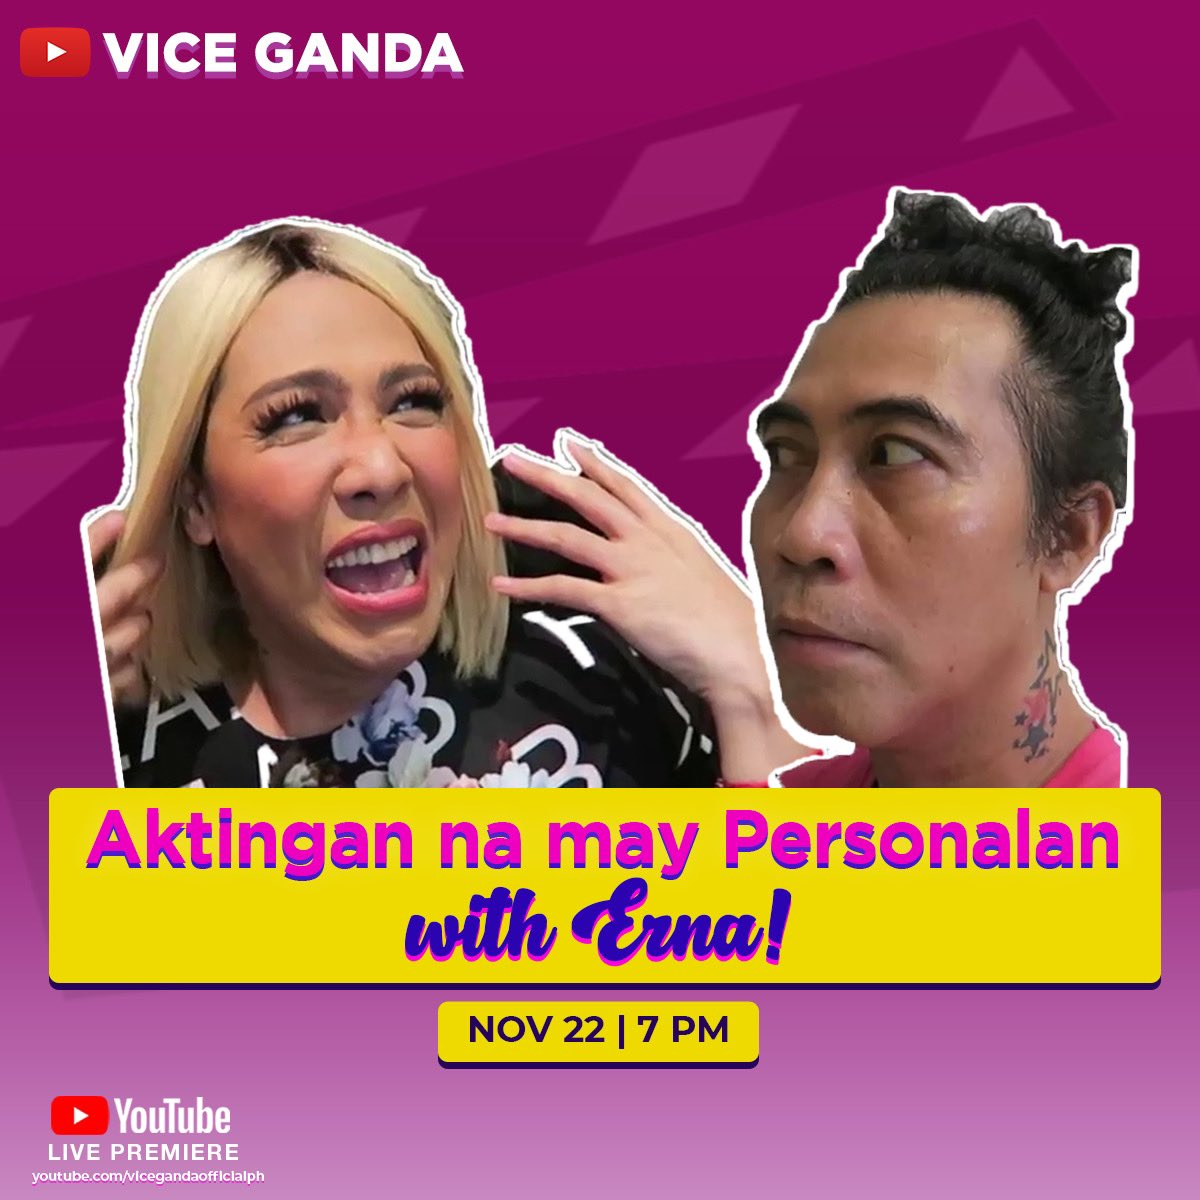 Akting-aktingan na nauwi sa personalan?! 😱 New vlog chunyt at 7PM sa Vice Ganda Youtube Channel!